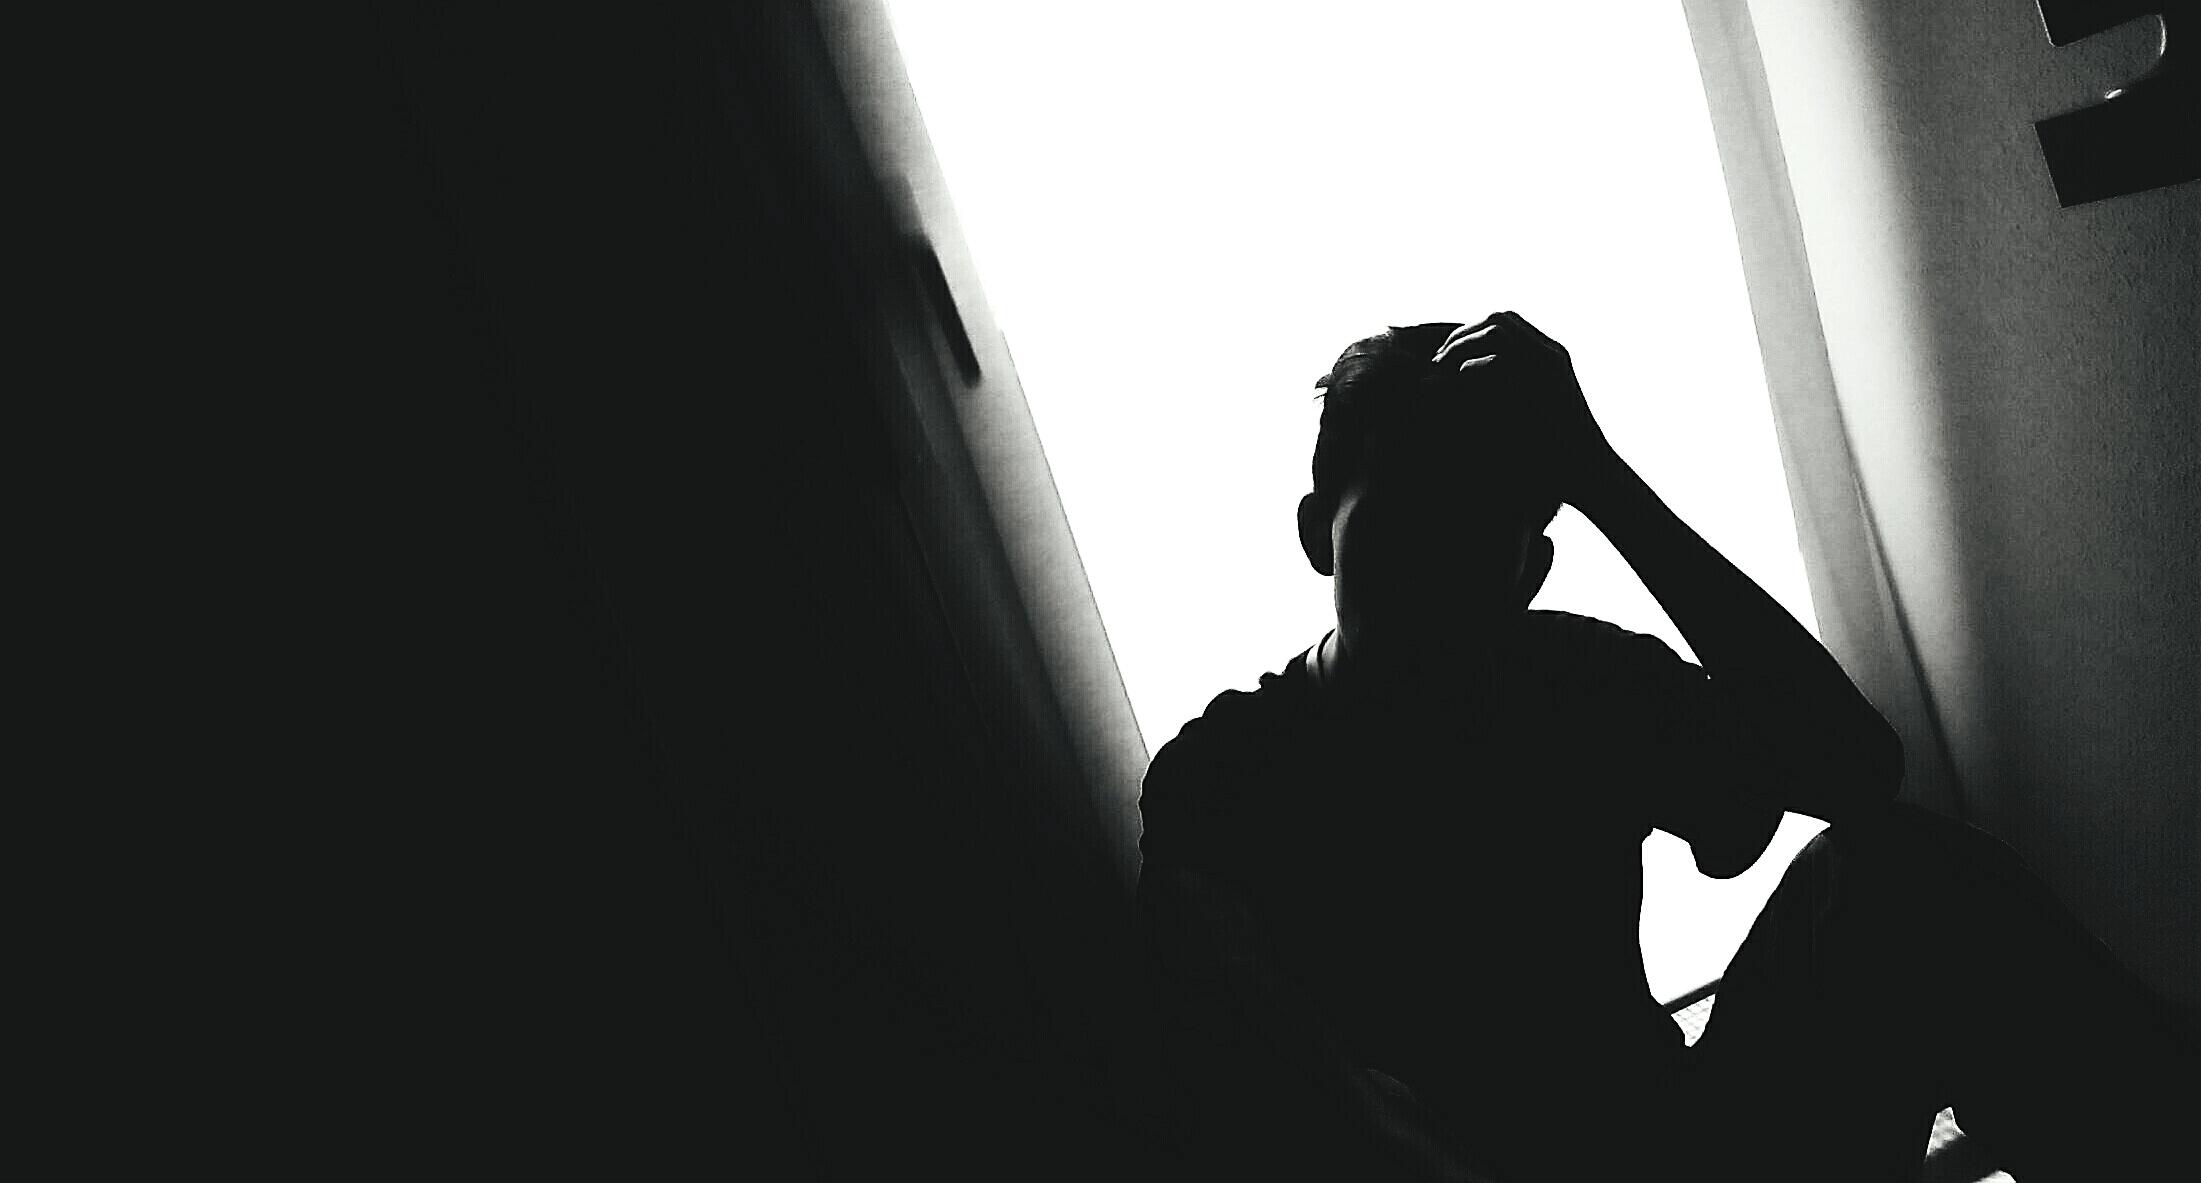 La salud mental, en ocasiones, suele ser un tema tabú en el ámbito laboral